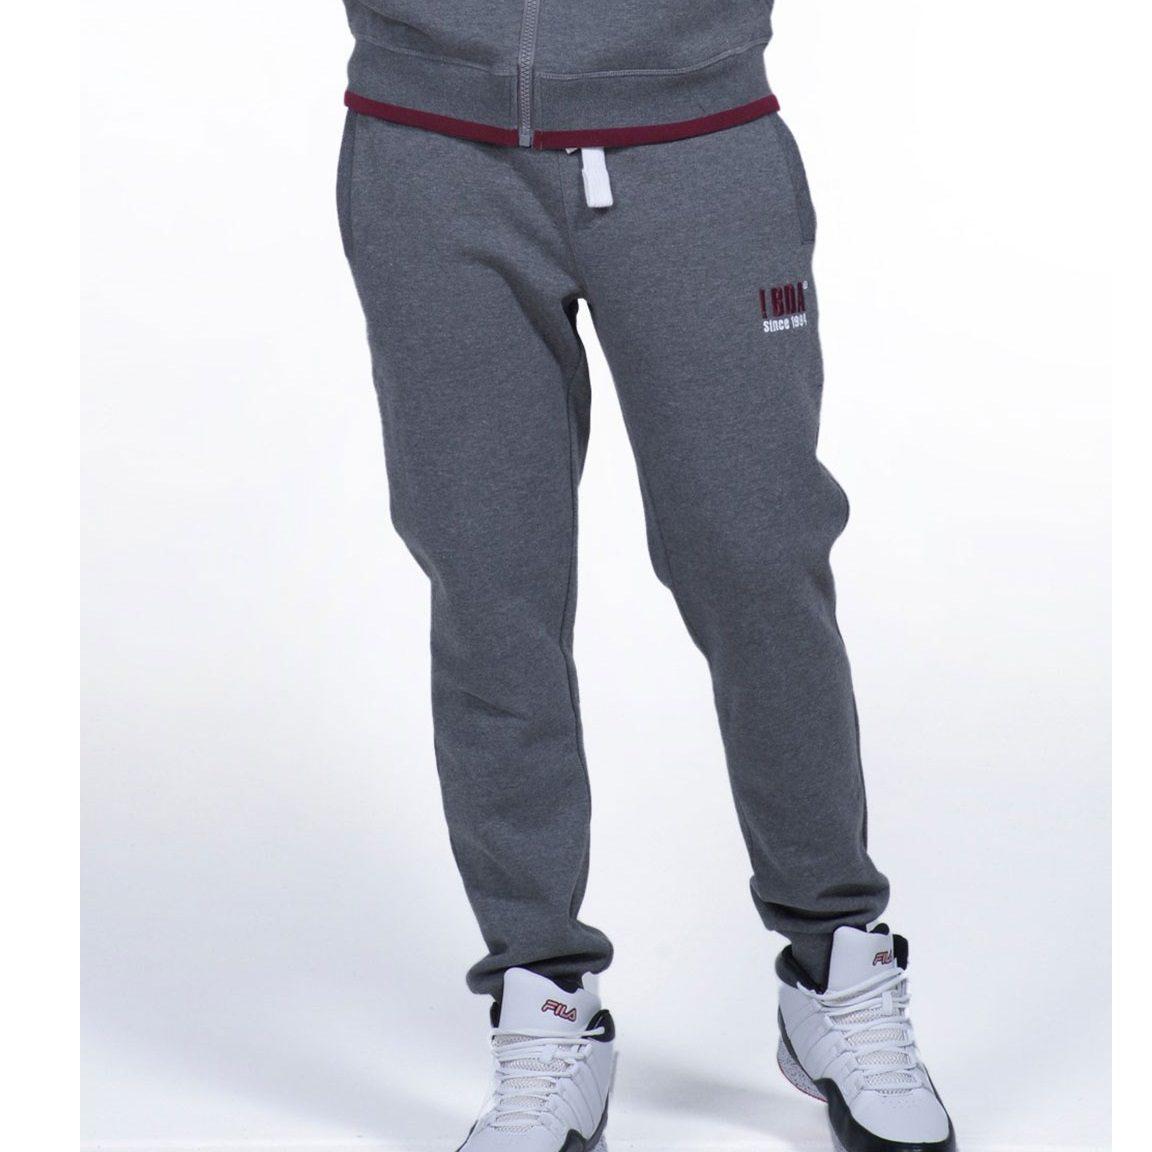 Body Action Men Sport Fleece Joggers (023845 17)